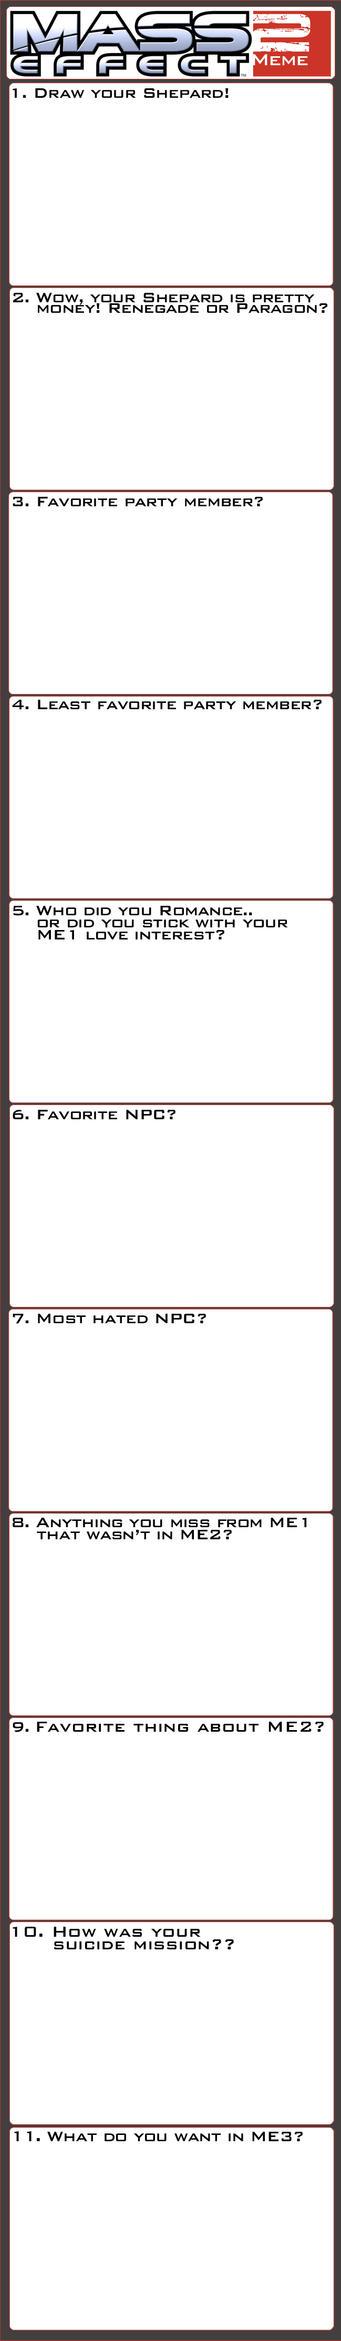 Mass Effect 2 Meme by SeeHangArt